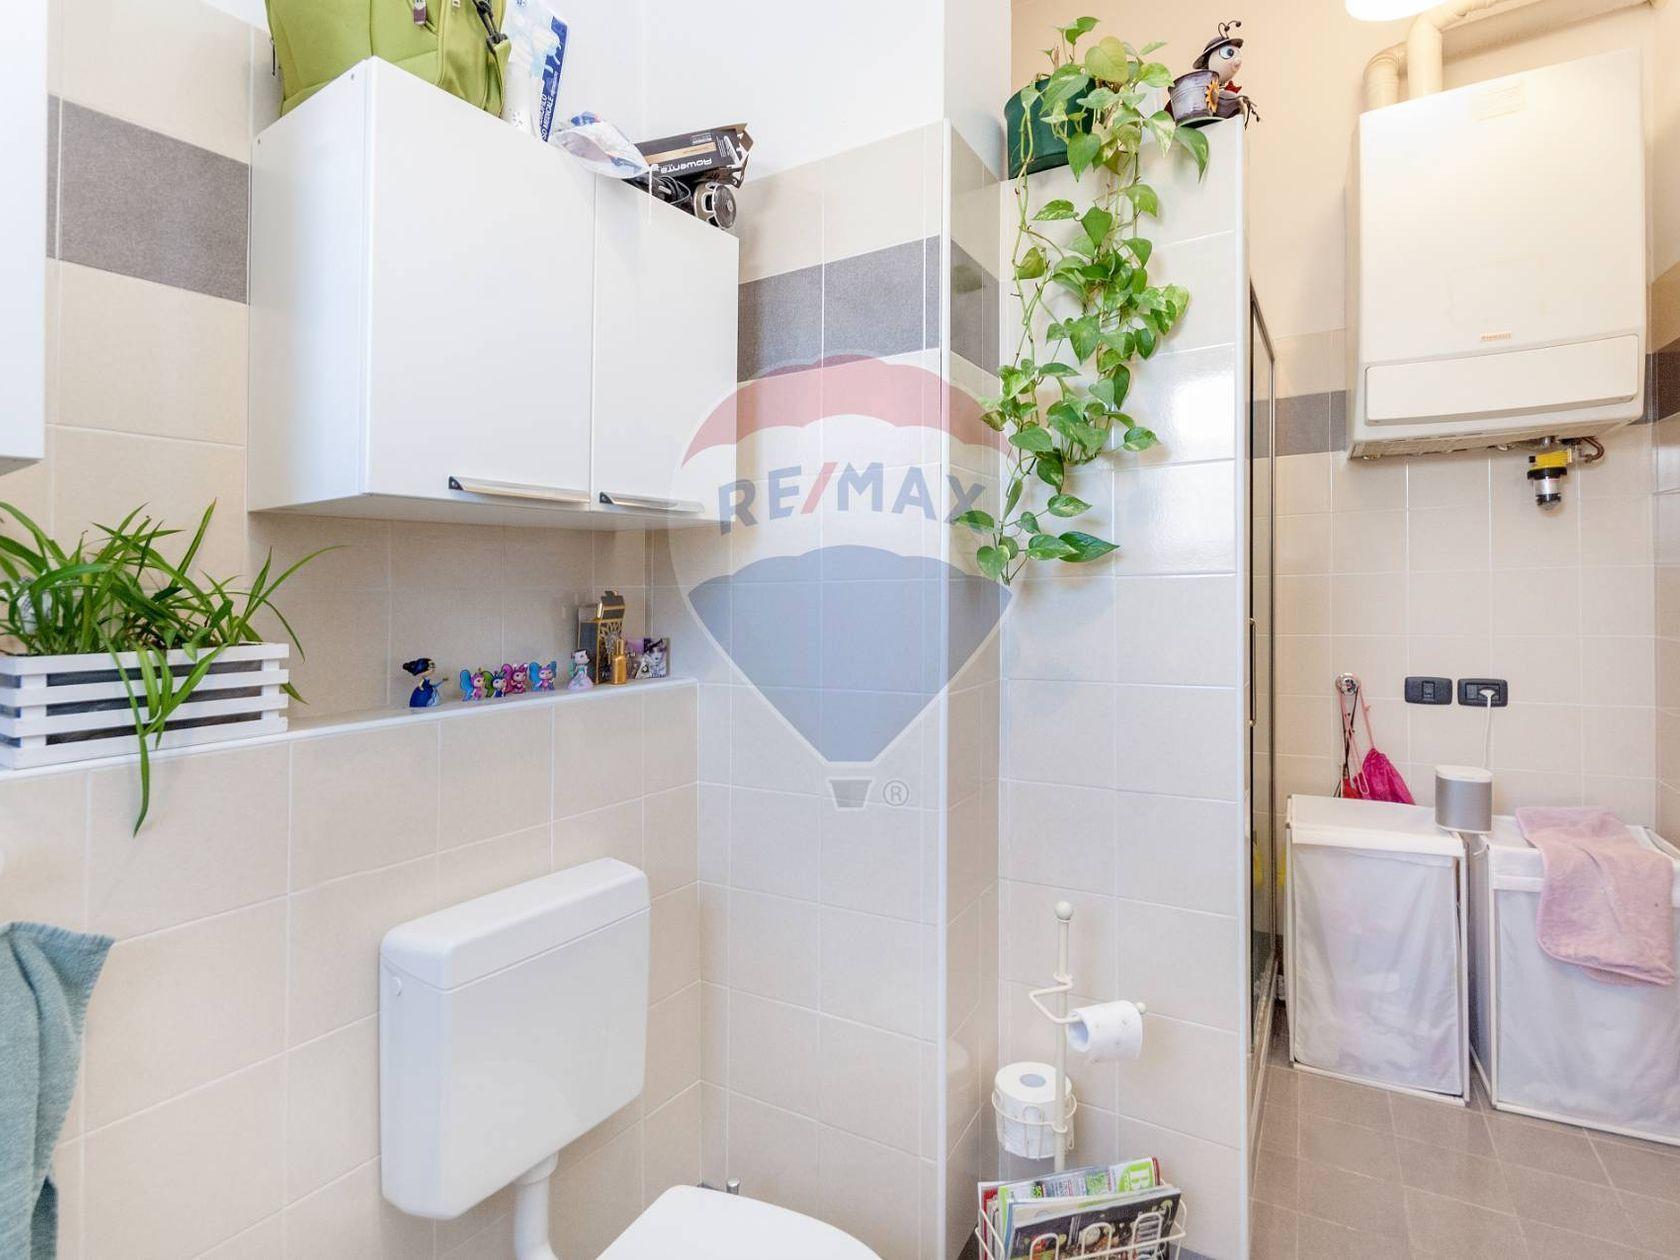 Appartamento Zona Centro Storico, San Giovanni in Persiceto, BO Vendita - Foto 29